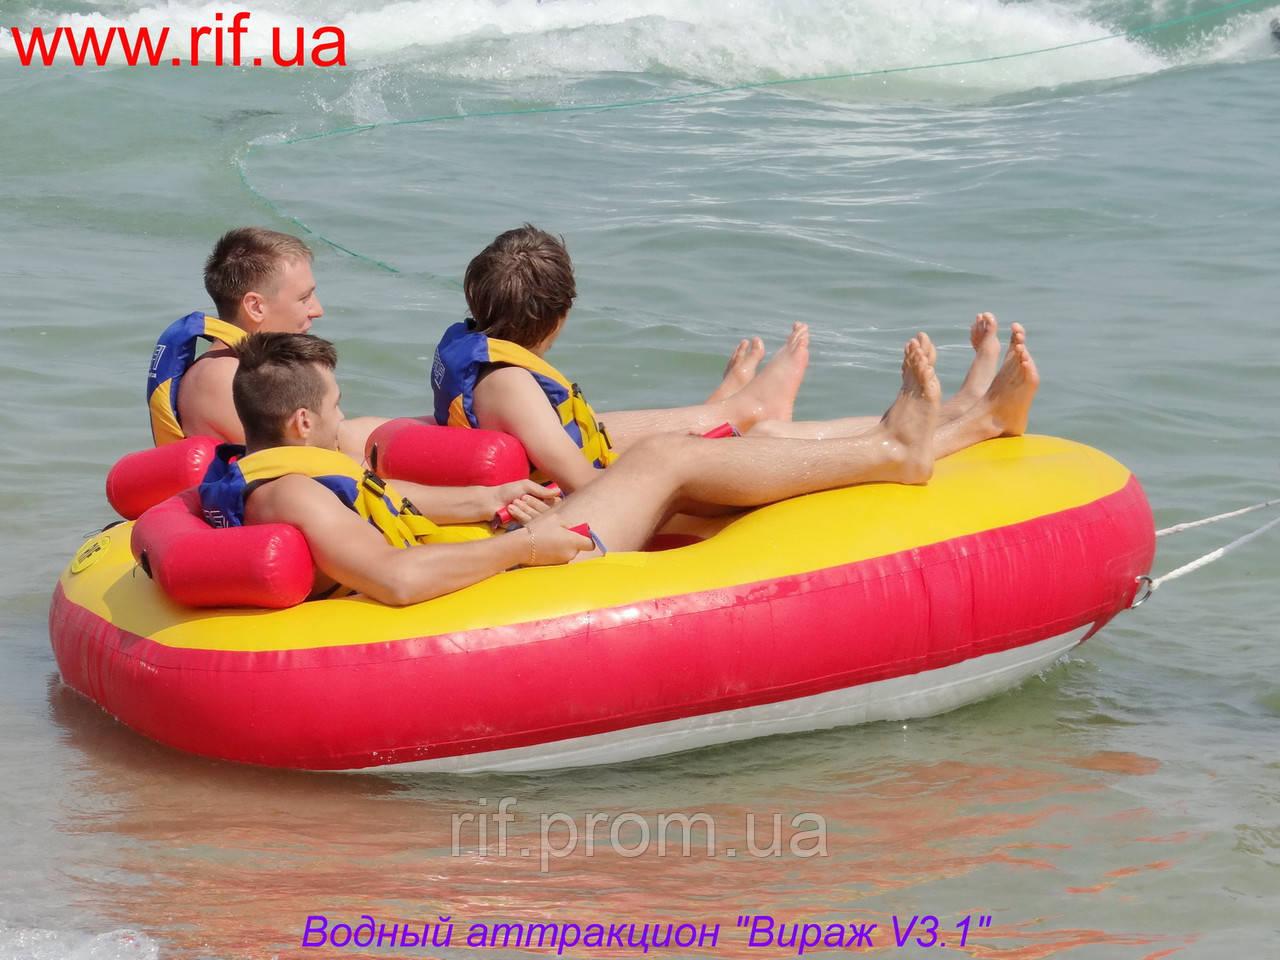 Экстремальные аттракционы «Вираж V3.1» - ЧФ «РИФ» в Харькове